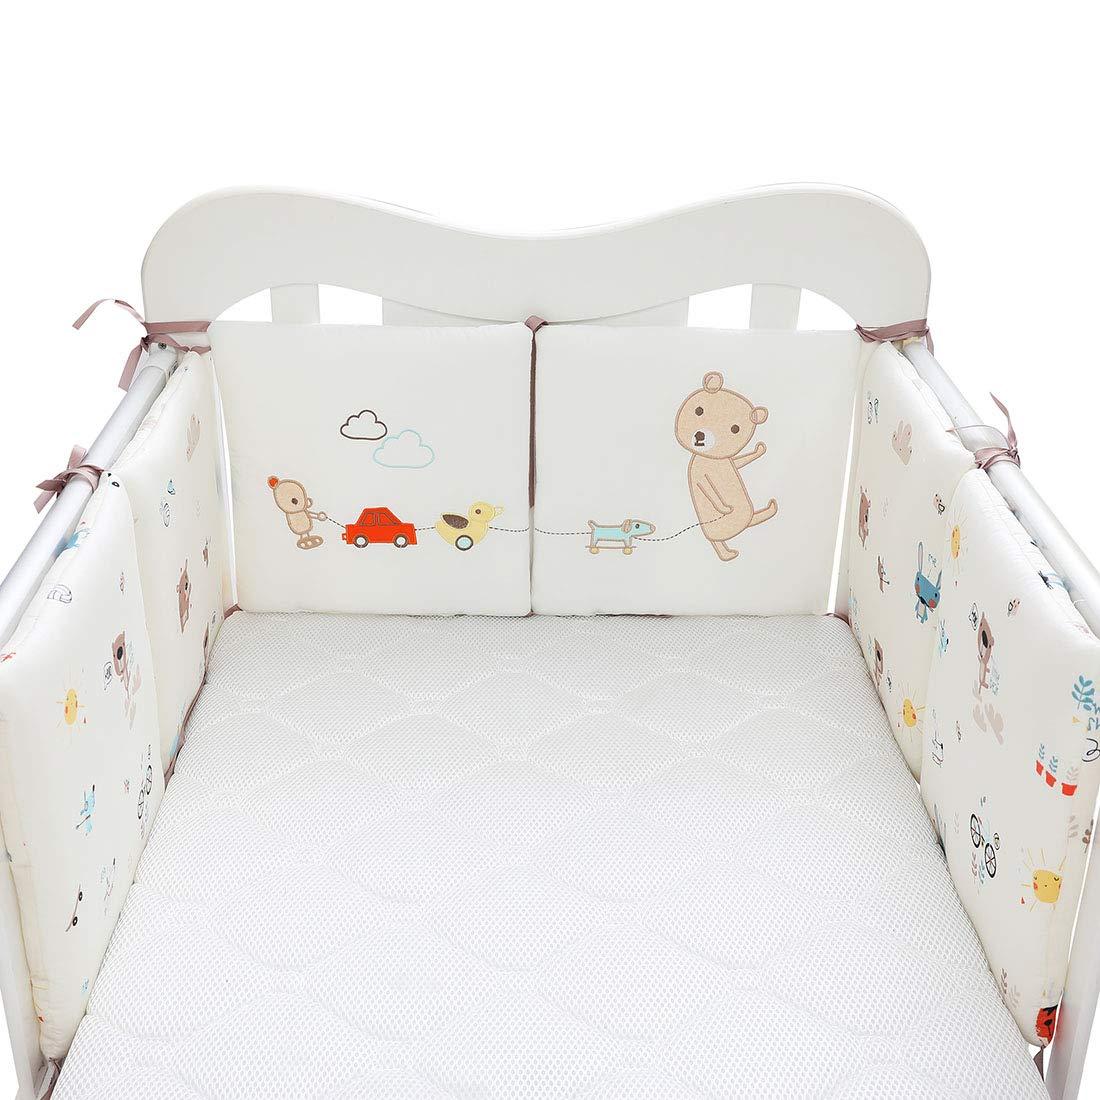 HengST Bettumrandung Baby Nestchen Weich Baumwolle Bettnestchen Kissen f/ür Babybett mit Muster Universal geeignet f/ür Jungen und M/ädchen 30x30 cm 6 St Set #1 30x30cm